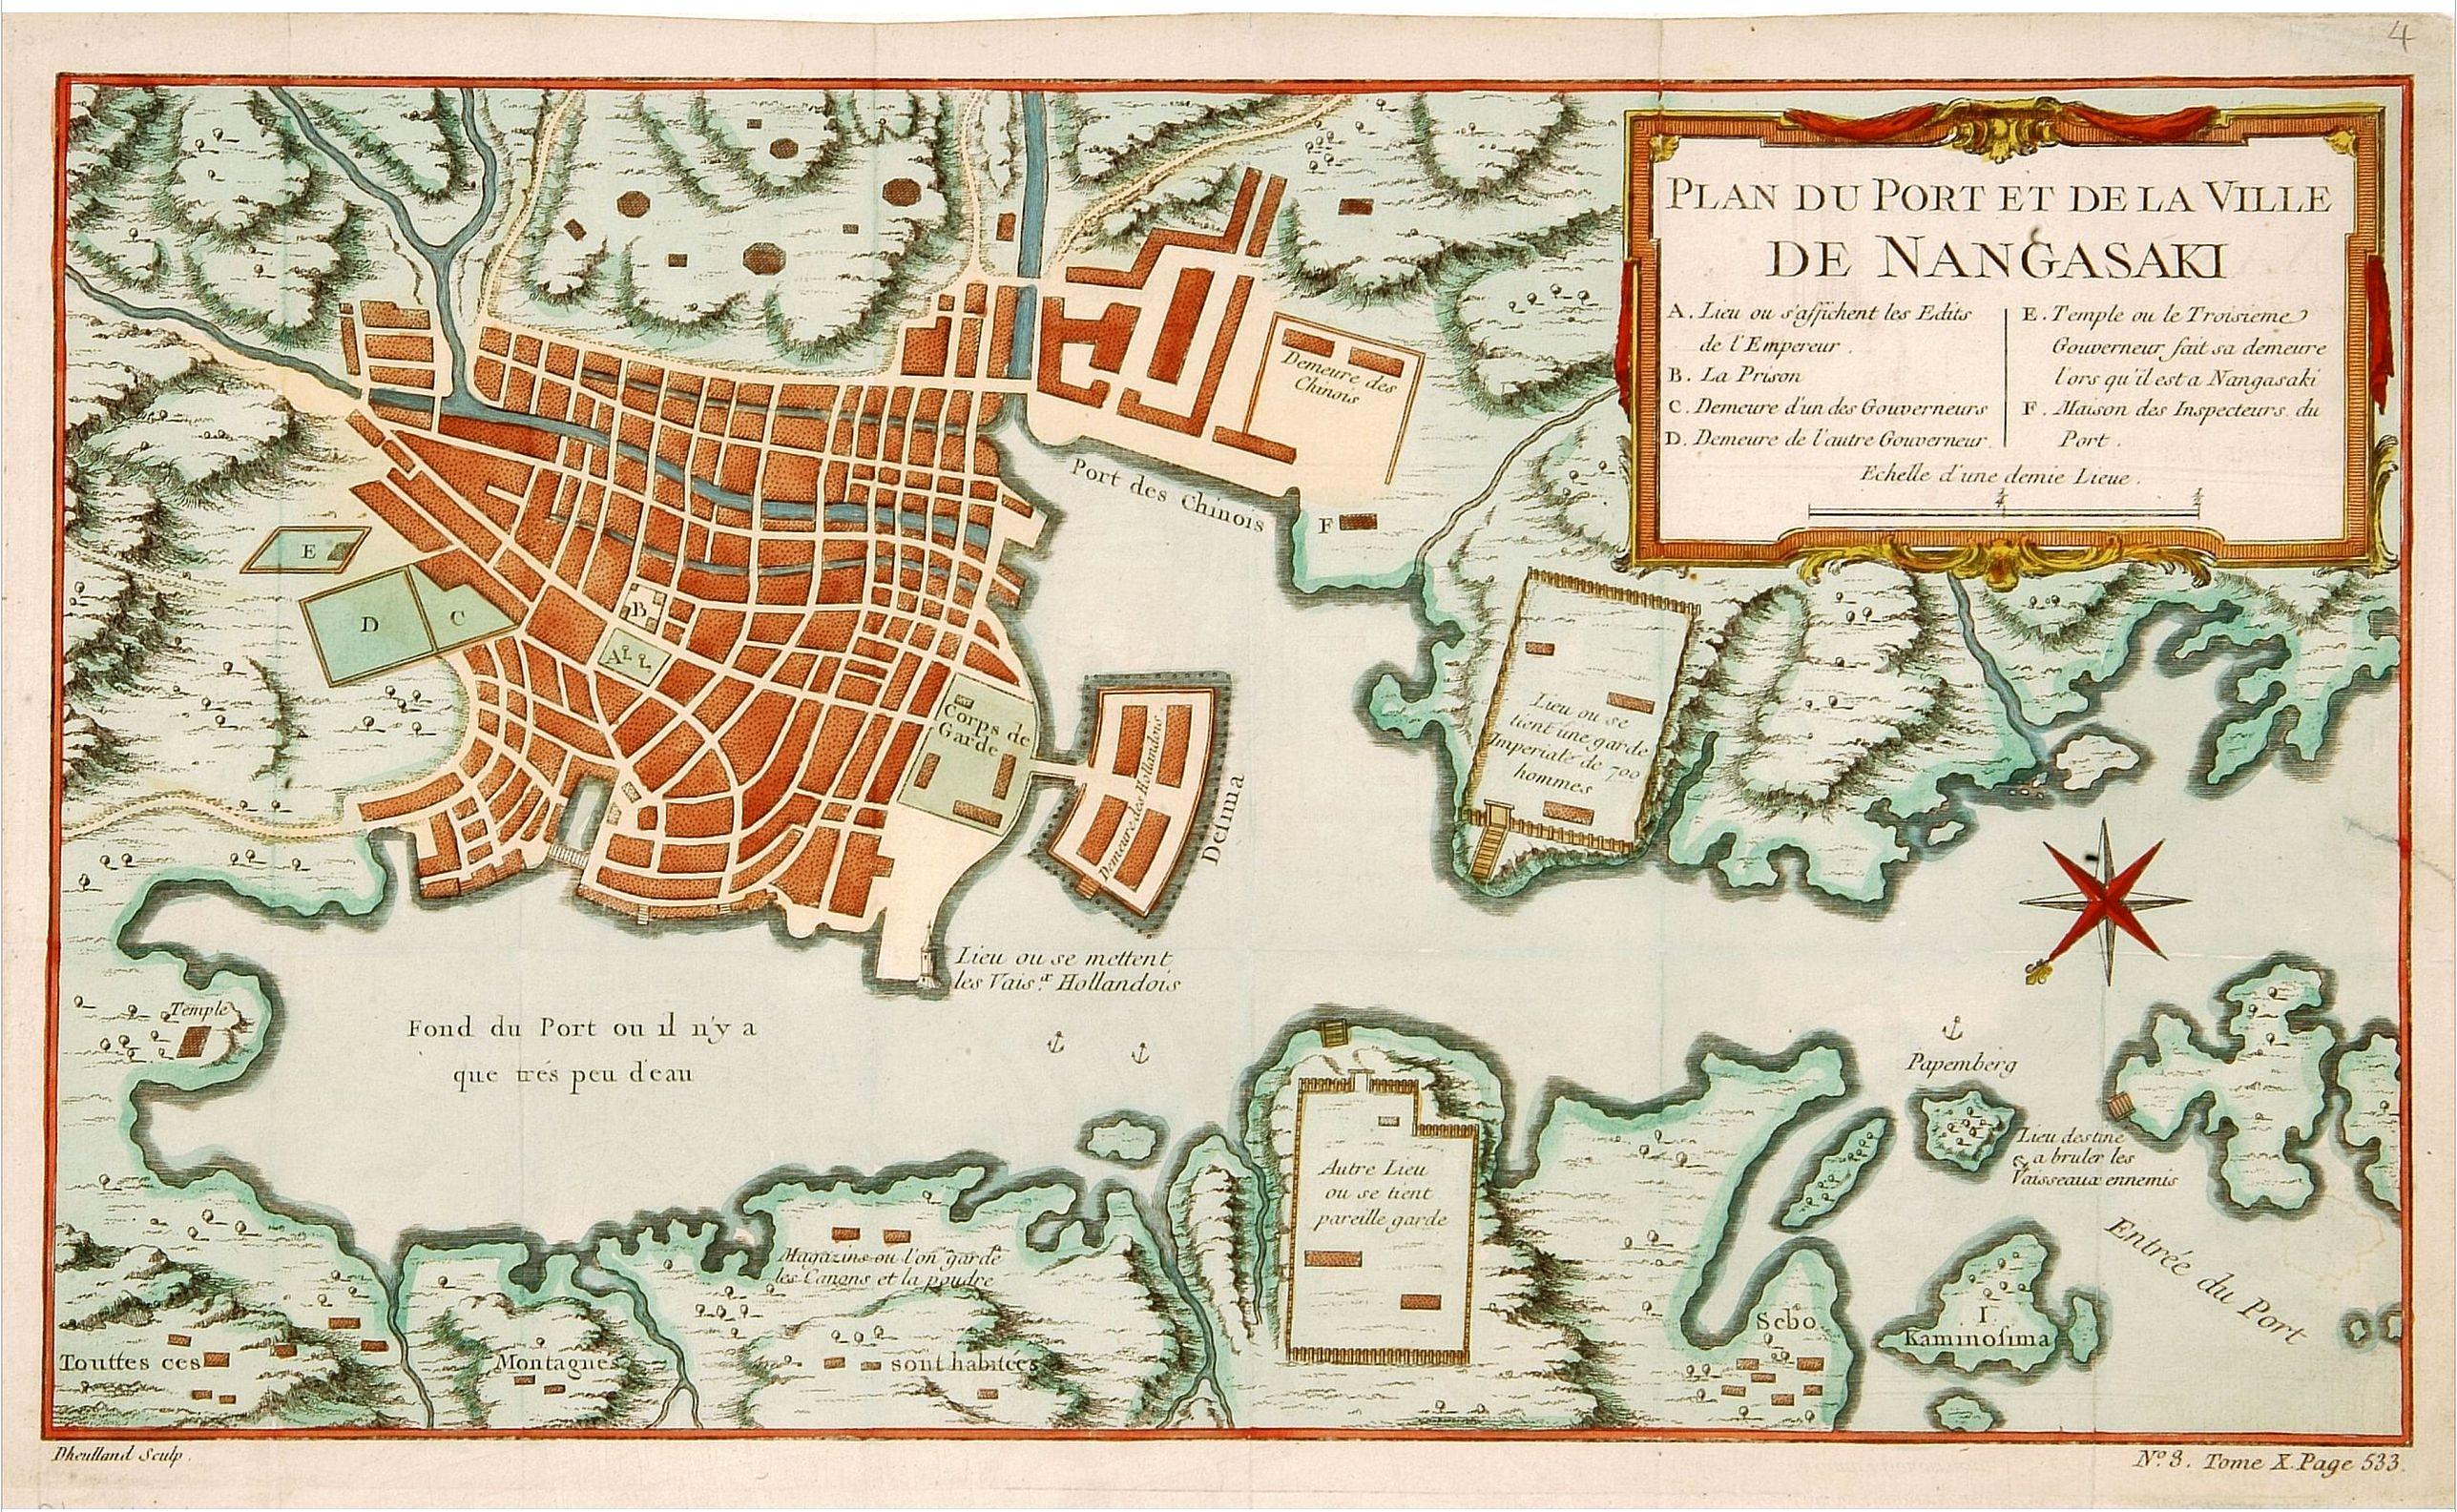 DHEULLAND -  Plan du port et de la ville de Nangasaki.